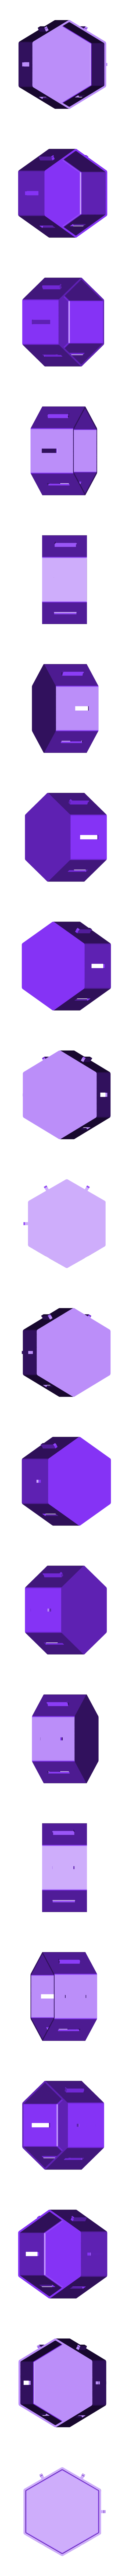 HexStackers.stl Télécharger fichier STL gratuit Empileurs hexagonaux • Objet imprimable en 3D, Muzz64